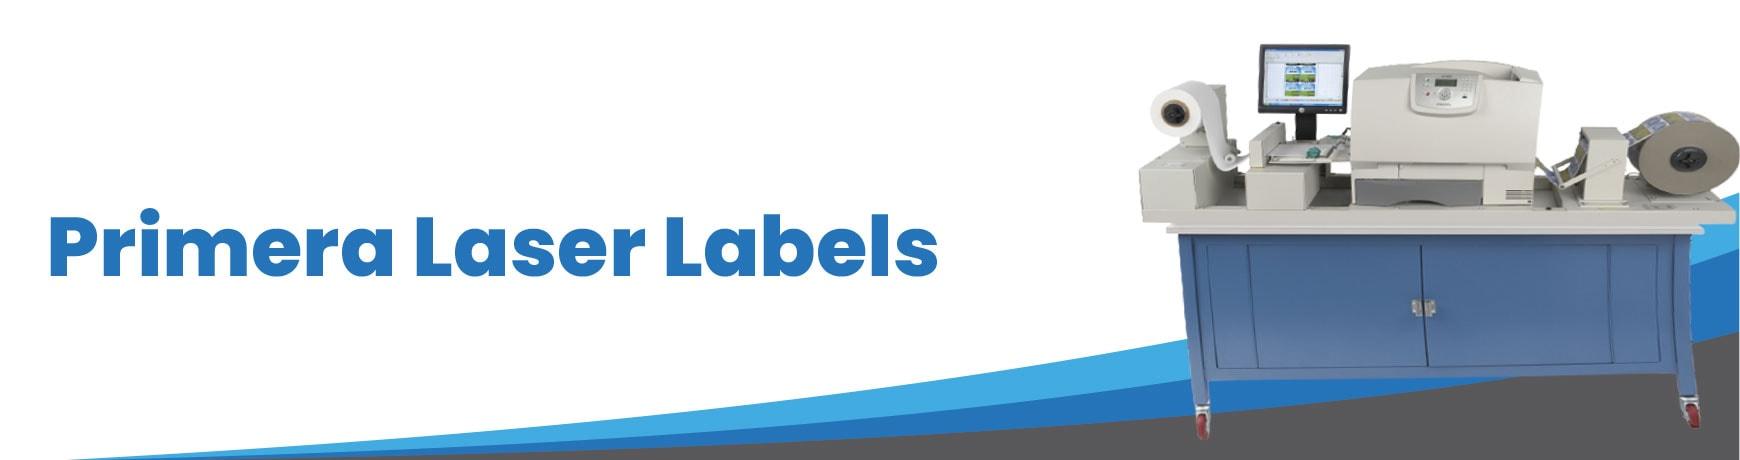 Primera Laser Labels